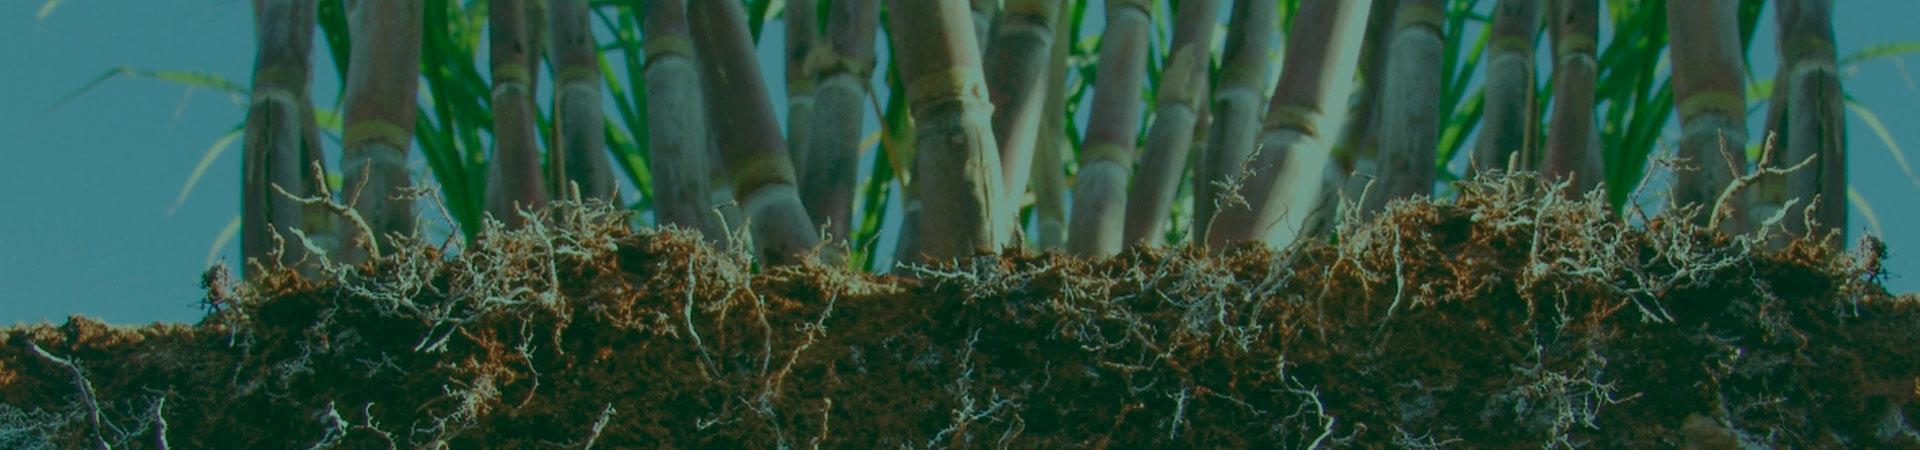 Nematoides na cultura da cana-de-açúcar